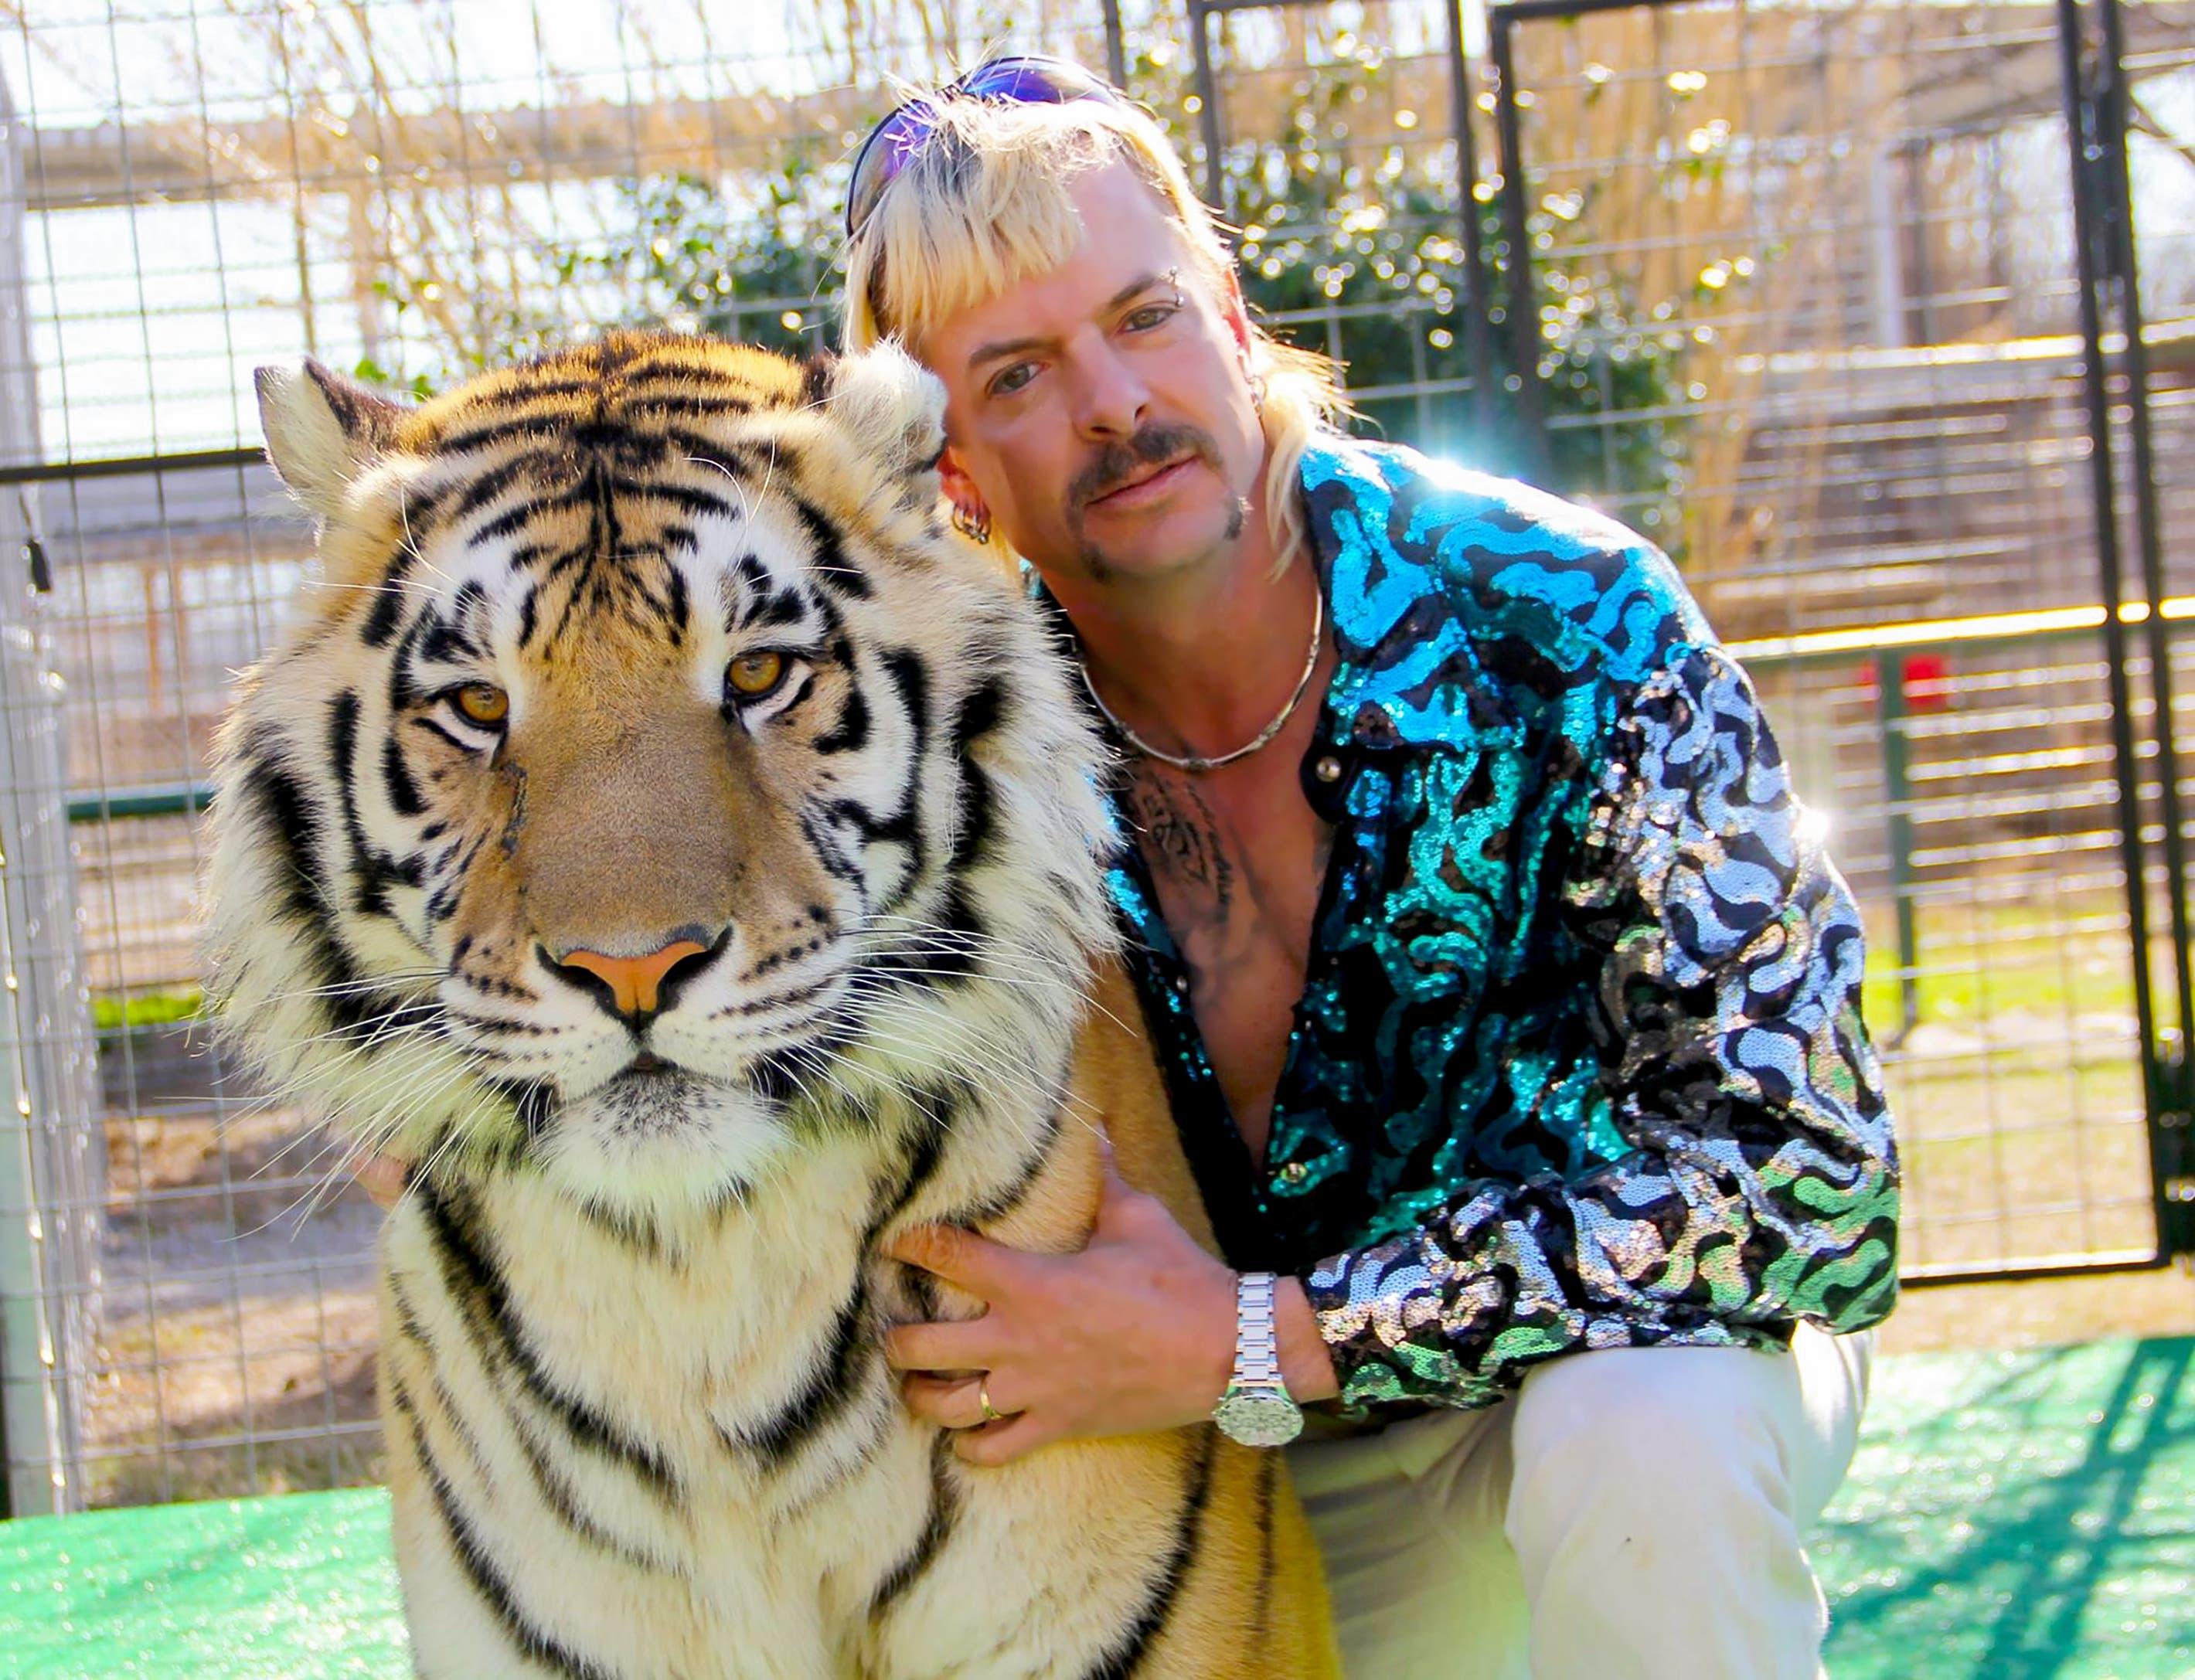 NEU: Tiger King (2020) Die Doku-Serie öffnet den Blick auf die unbekannte Welt von Privatzoos in den USA. Mit ganz vielen Tigern, Löwen und ihren oberschrägen Besitzern. Faszinierend wie abstossend.